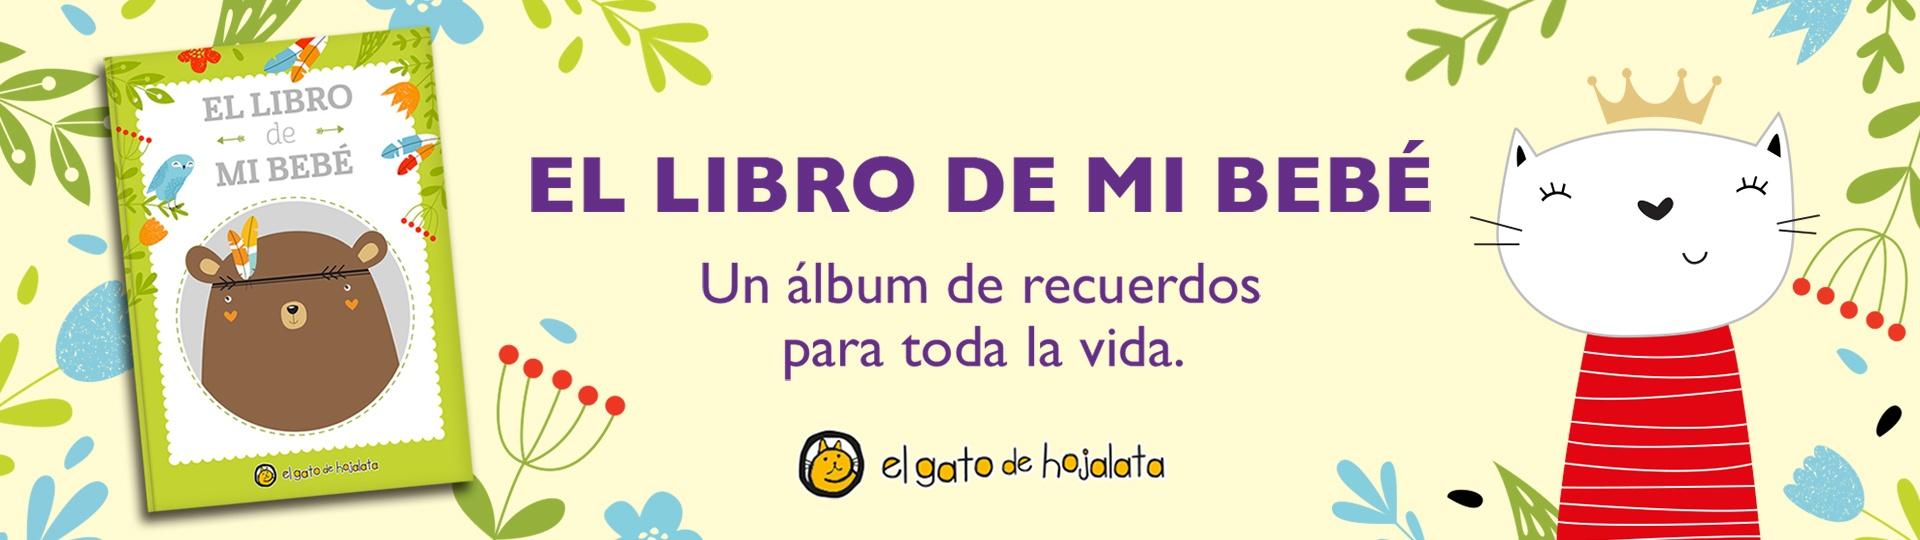 EL_LIBRO_DE_MI_BEBE_WEB_1920X540